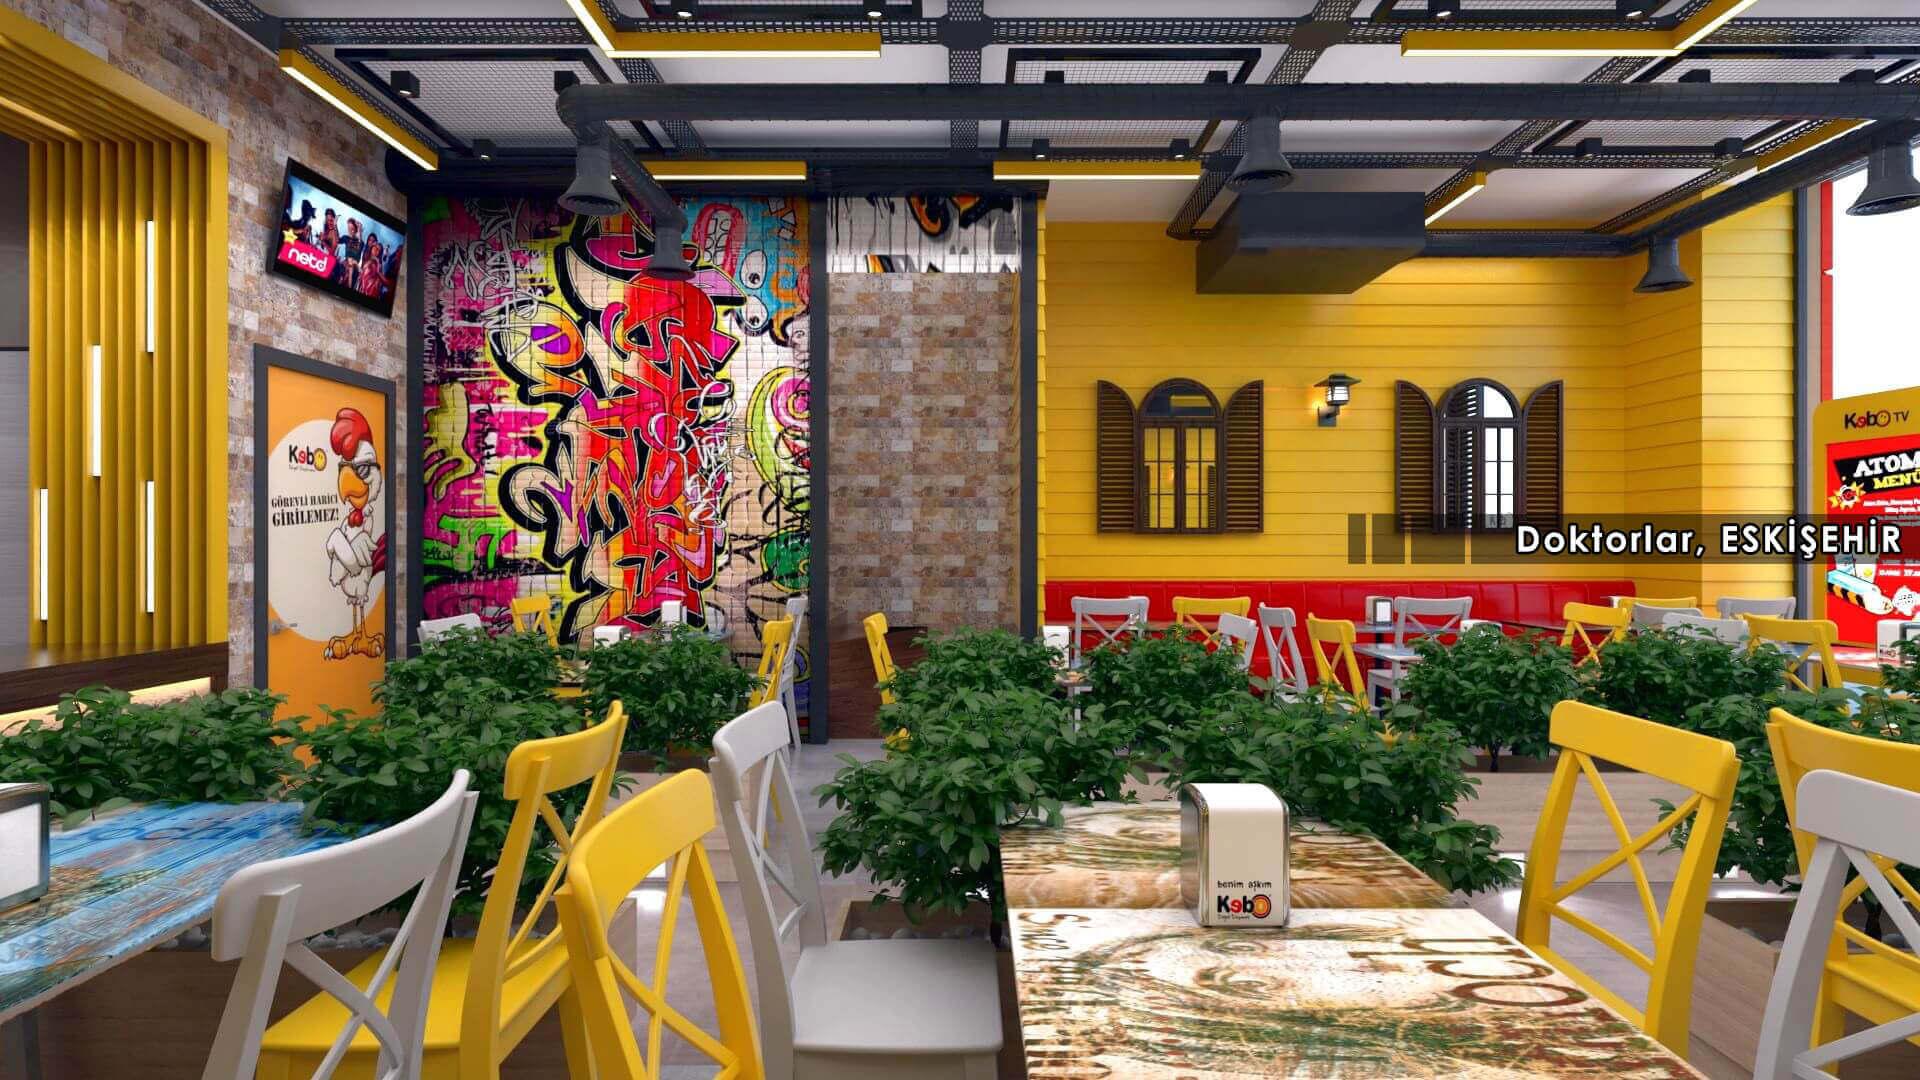 Türkiye Geneli 2123 Kebo 2018 Restaurants